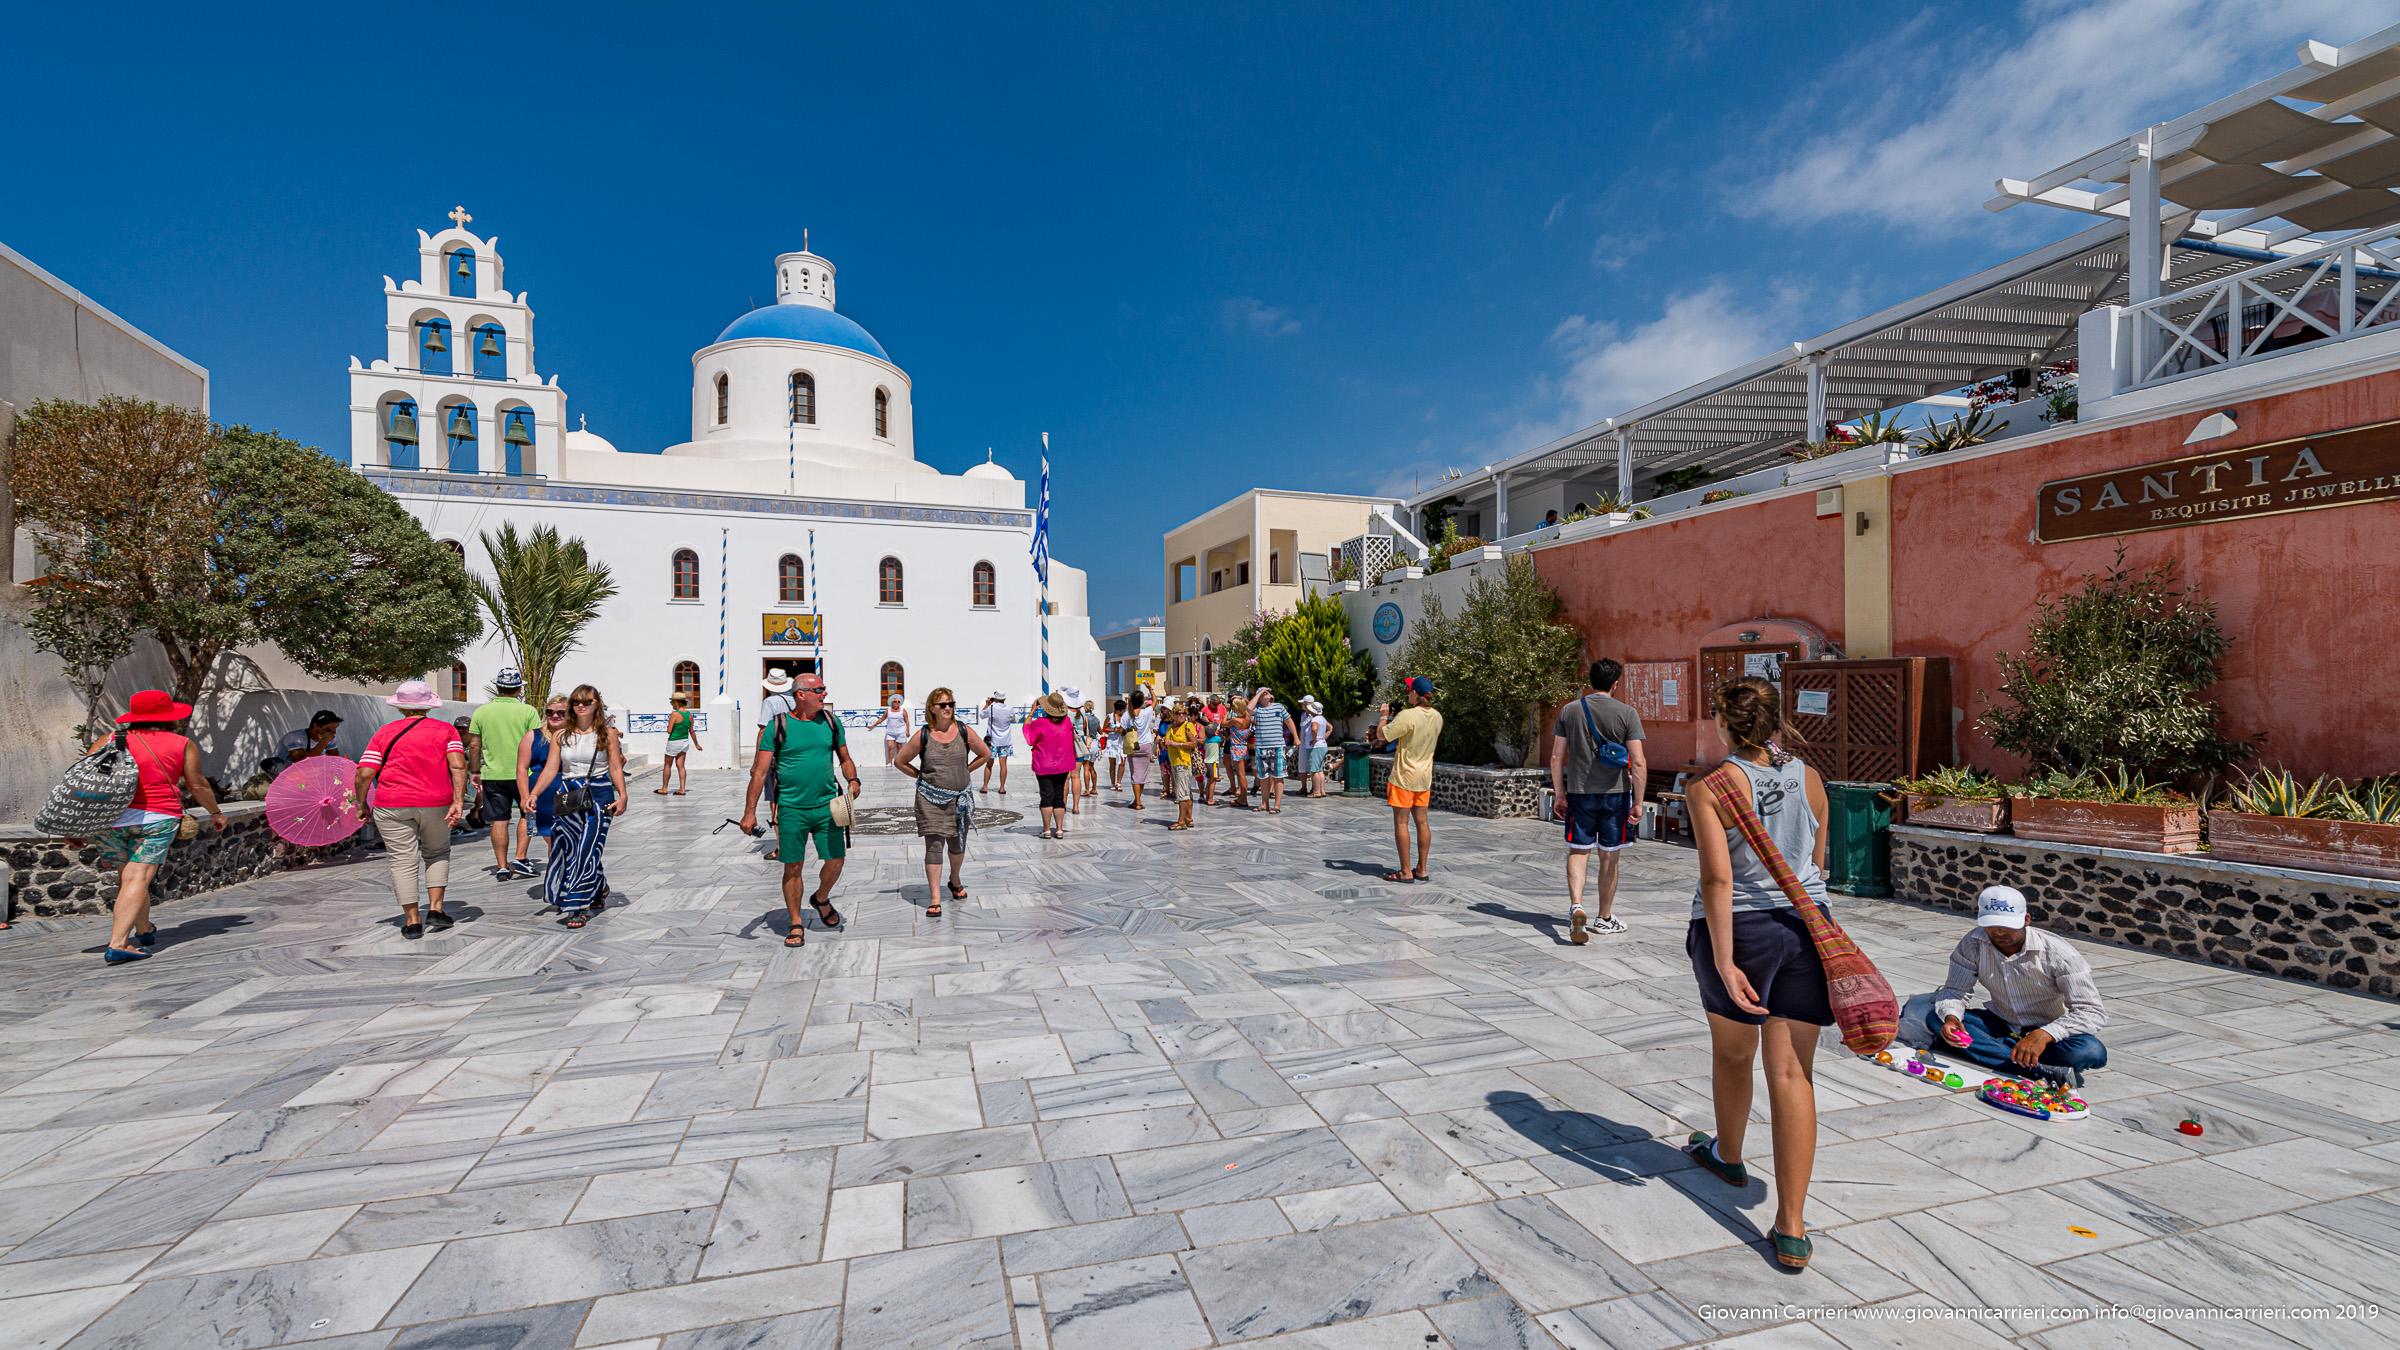 Oia main square - Santorini